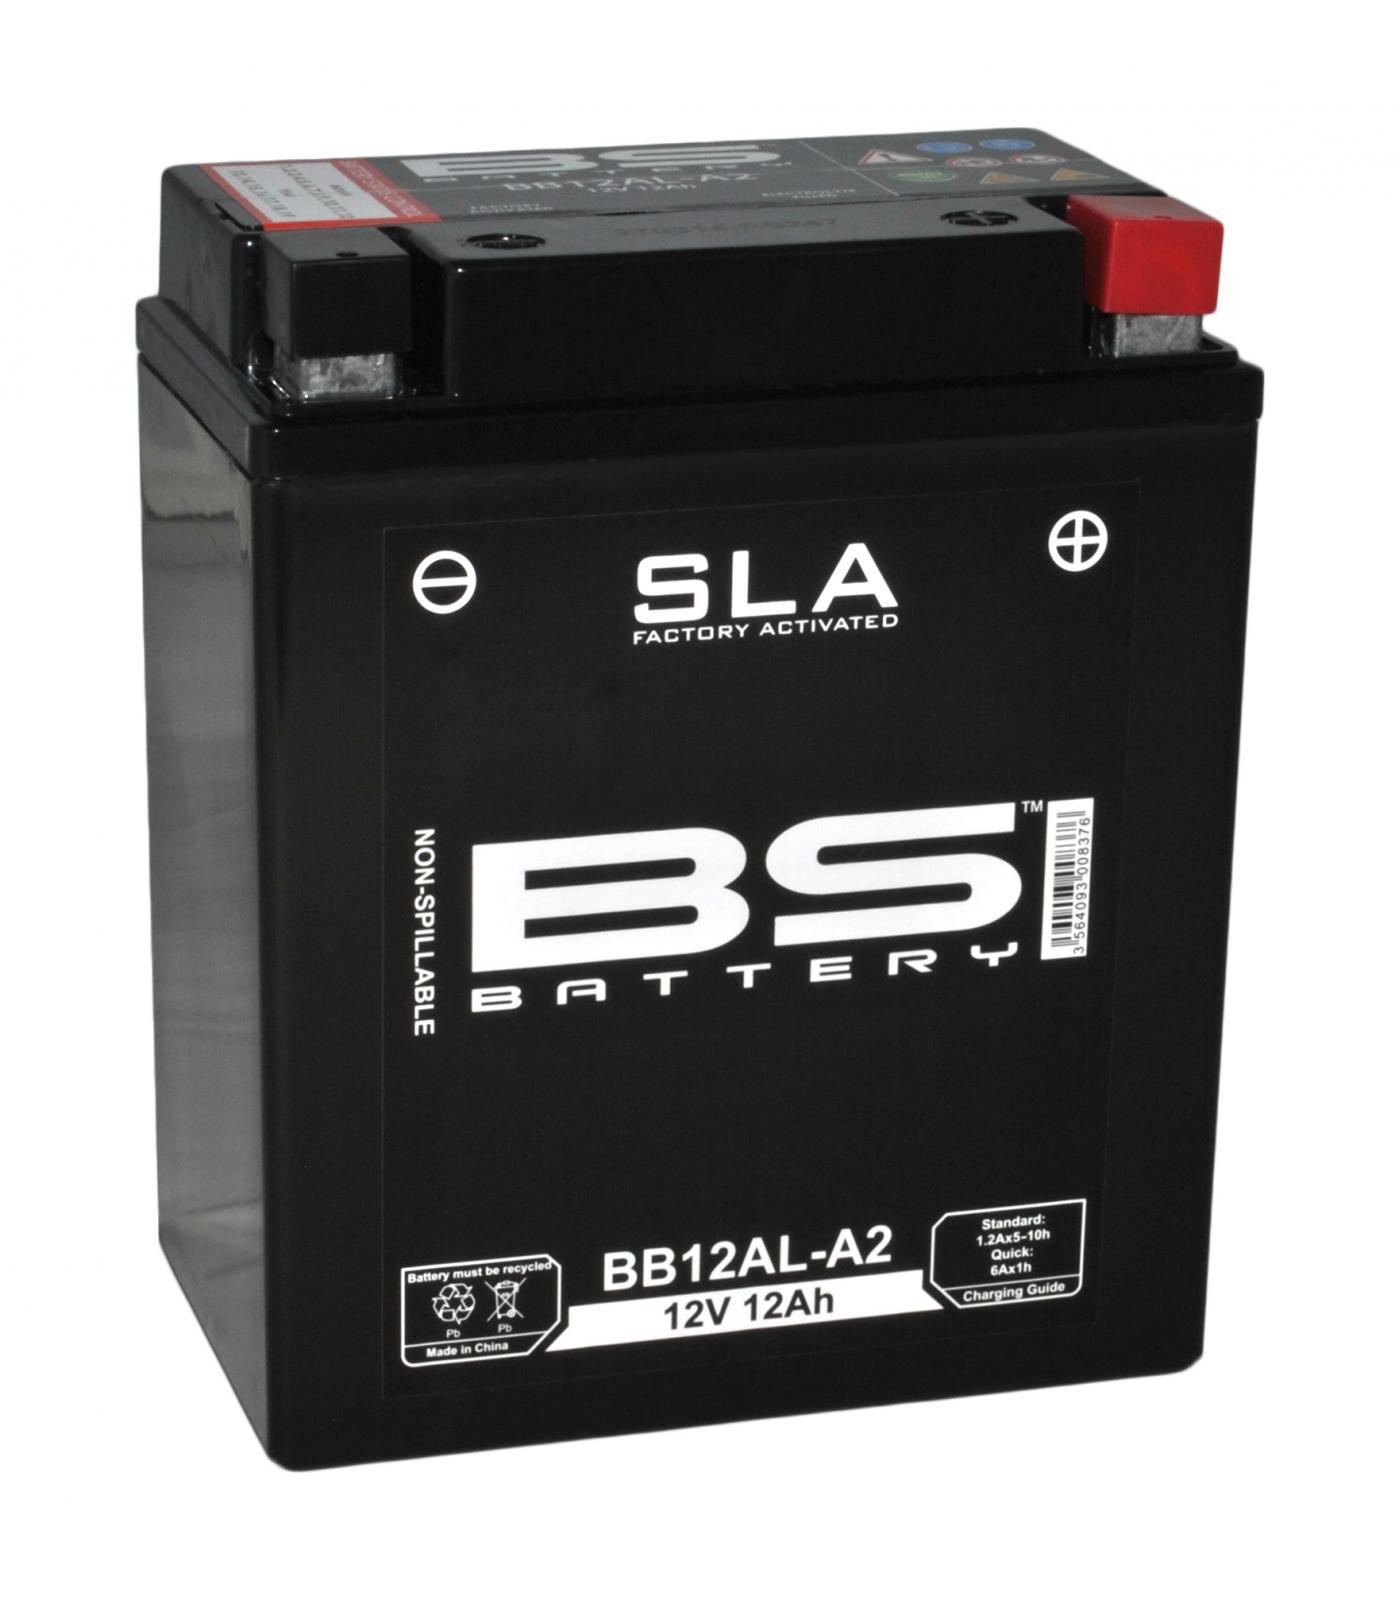 Batería de Moto BB12AL-A2 BS Baterias